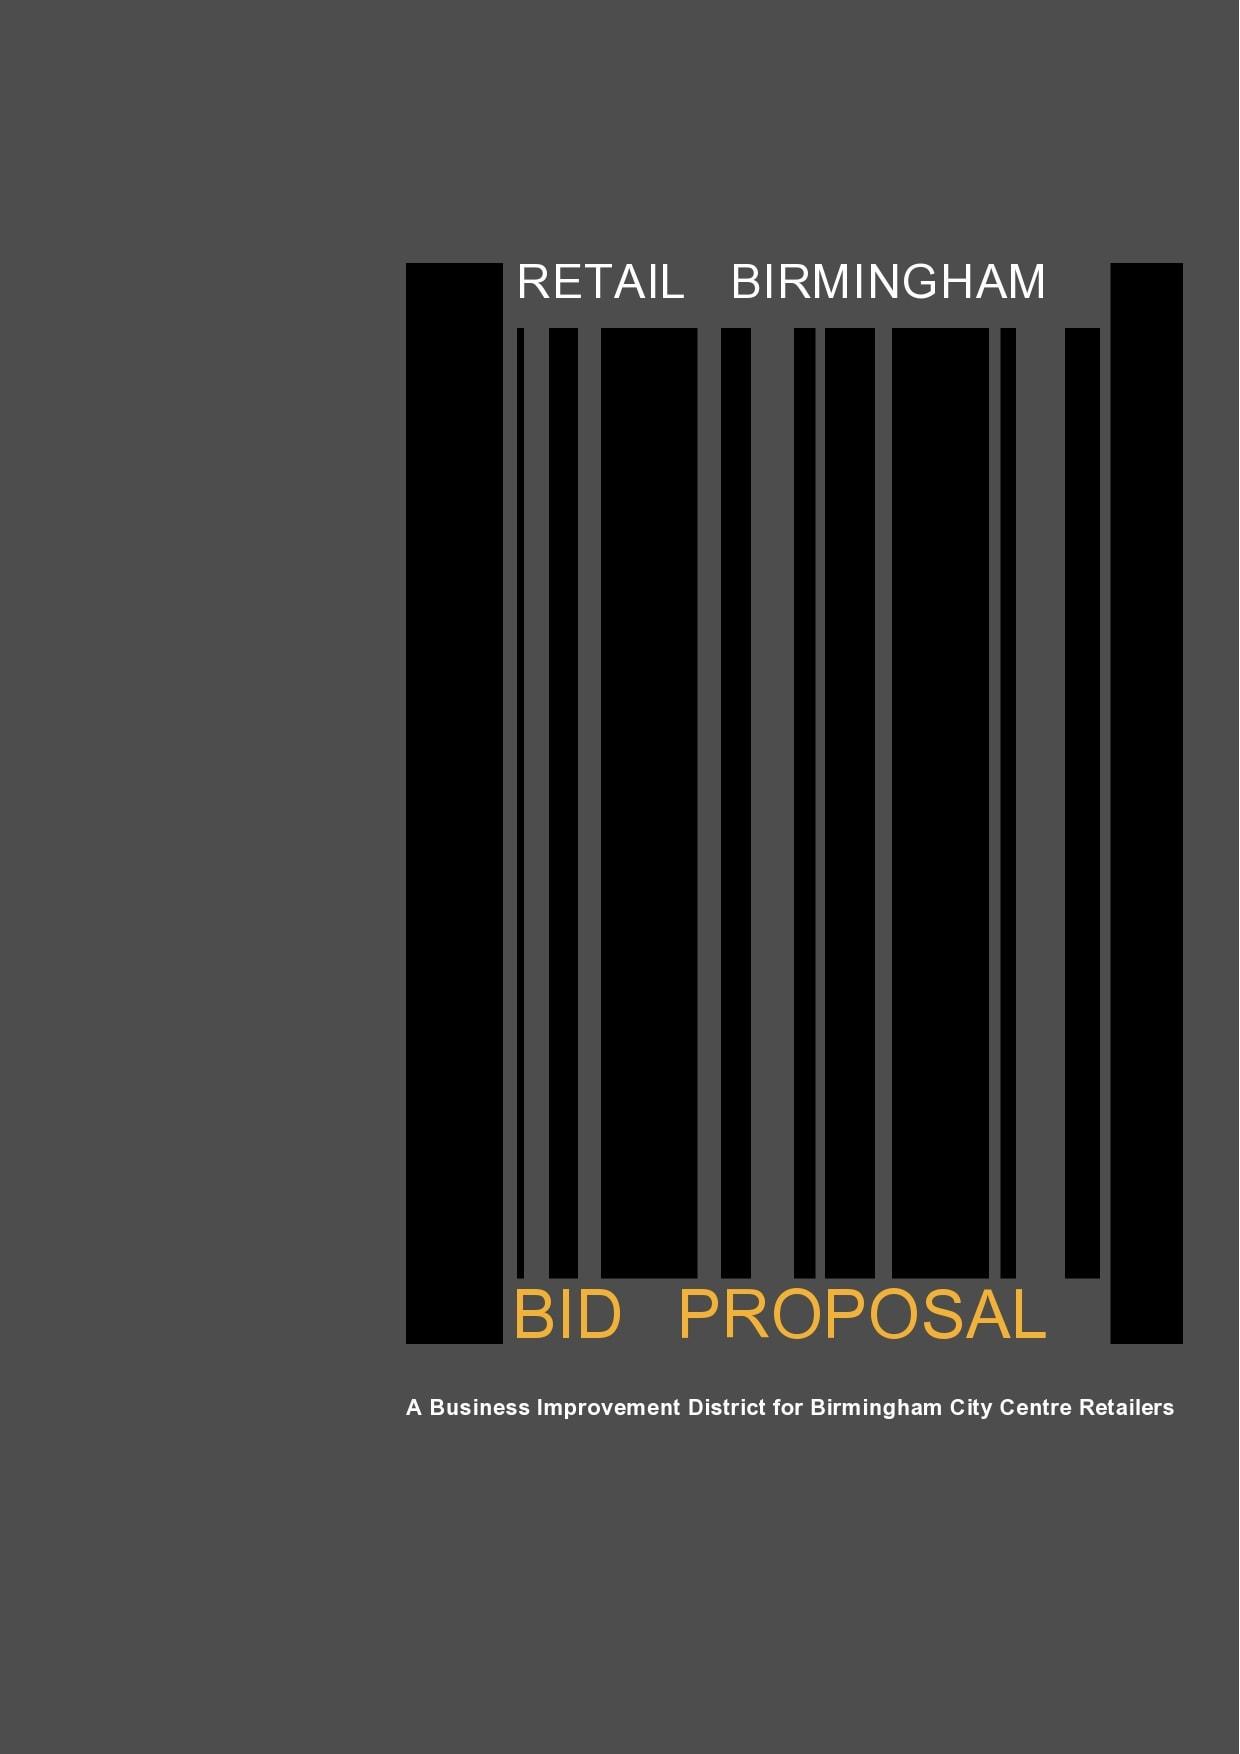 bid proposal 22